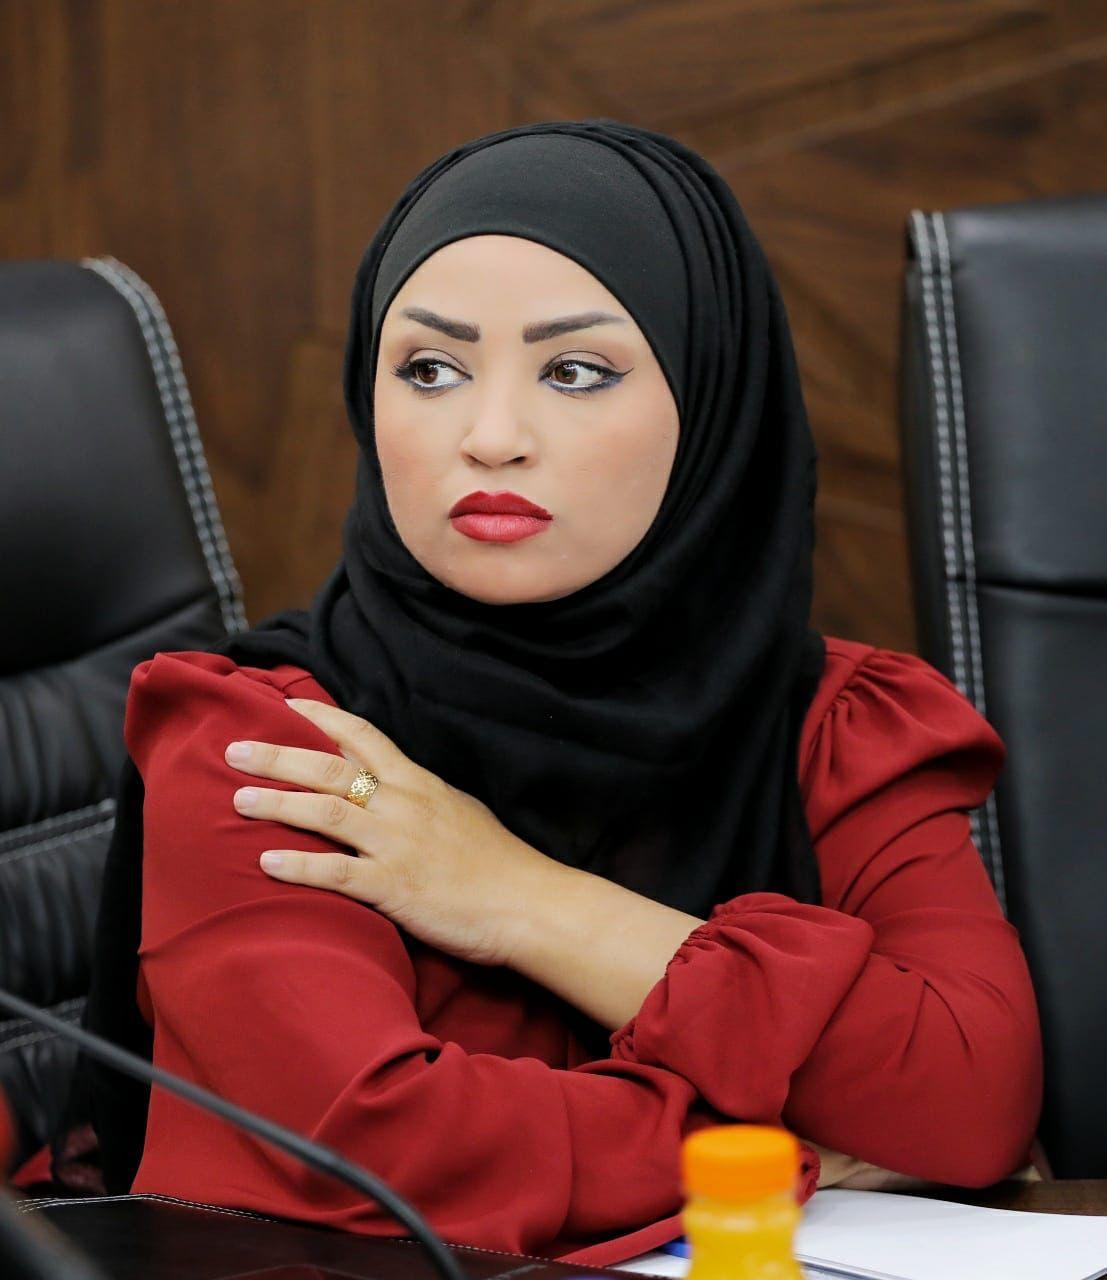 البدول تطالب بدعم الصندوق الهاشمي لتنمية البادية